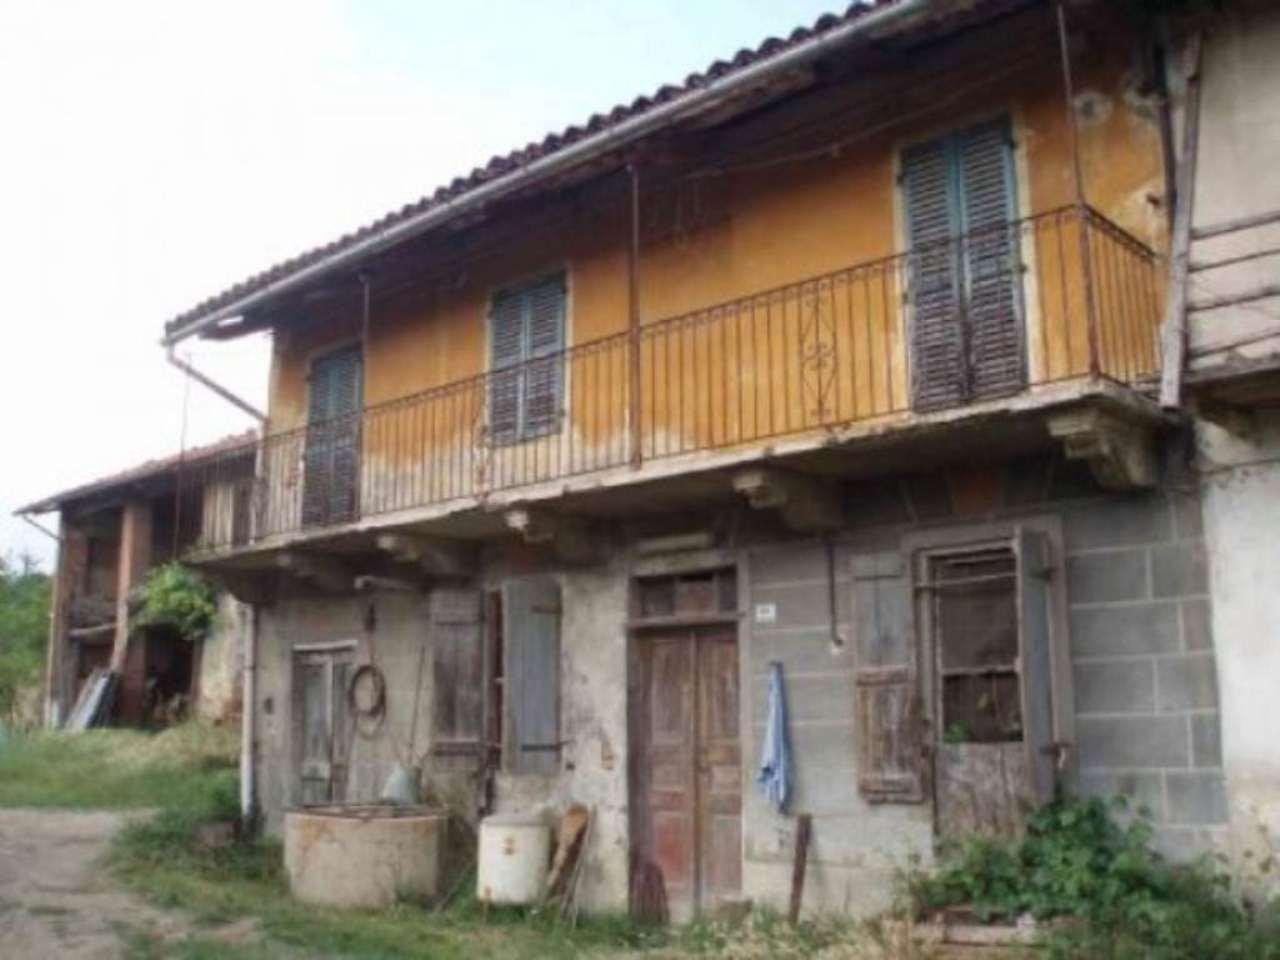 Rustico / Casale in vendita a Aramengo, 6 locali, prezzo € 55.000 | Cambio Casa.it